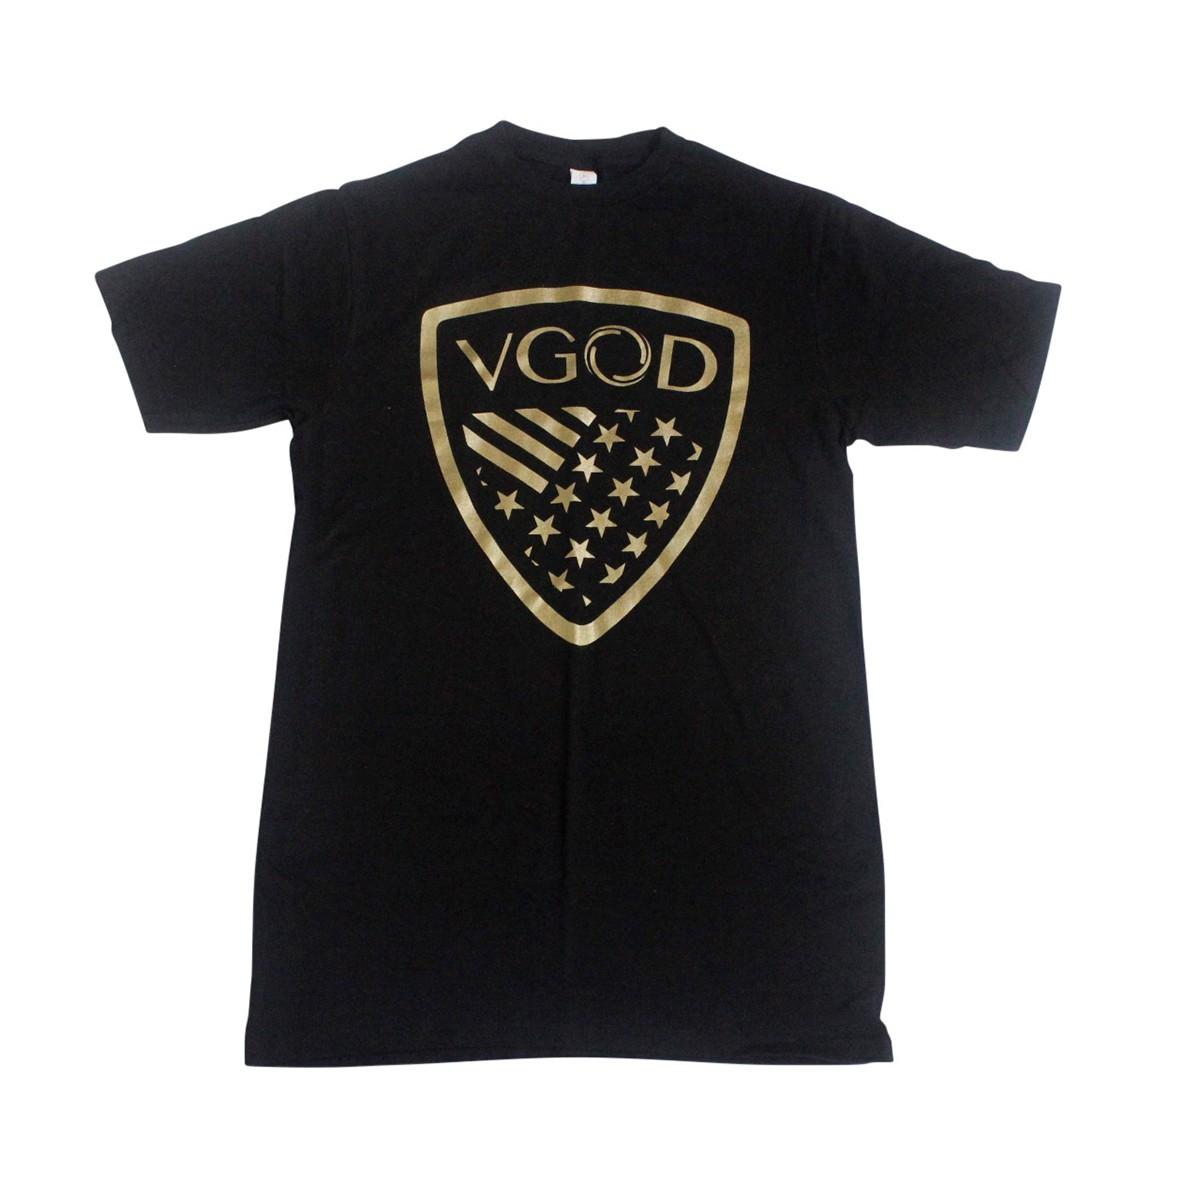 VGOD Tshirt Gold (www.e-smoke.sk)